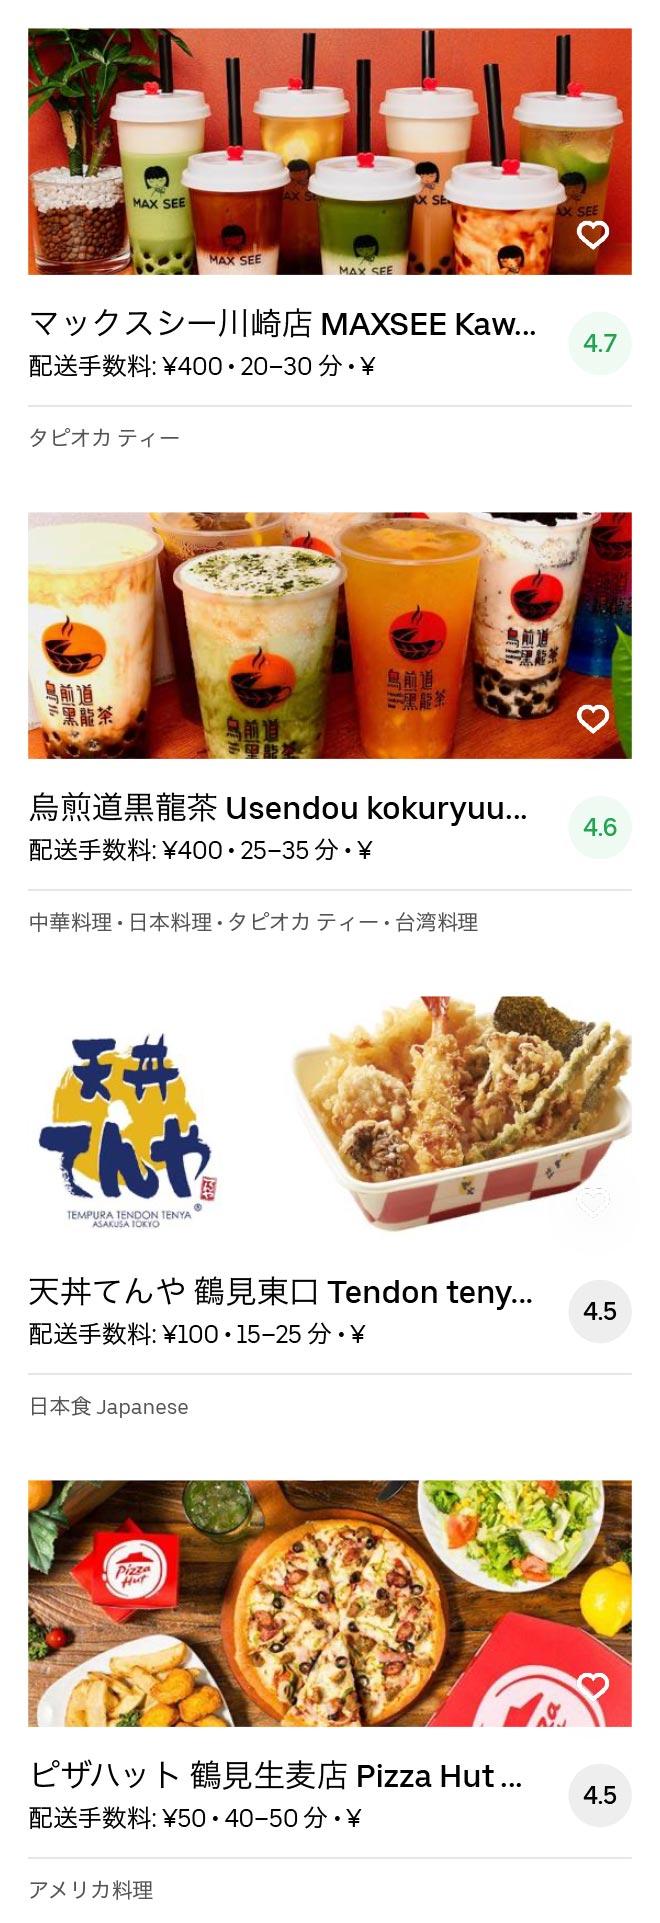 Yokohama tsurumi menu 2004 05